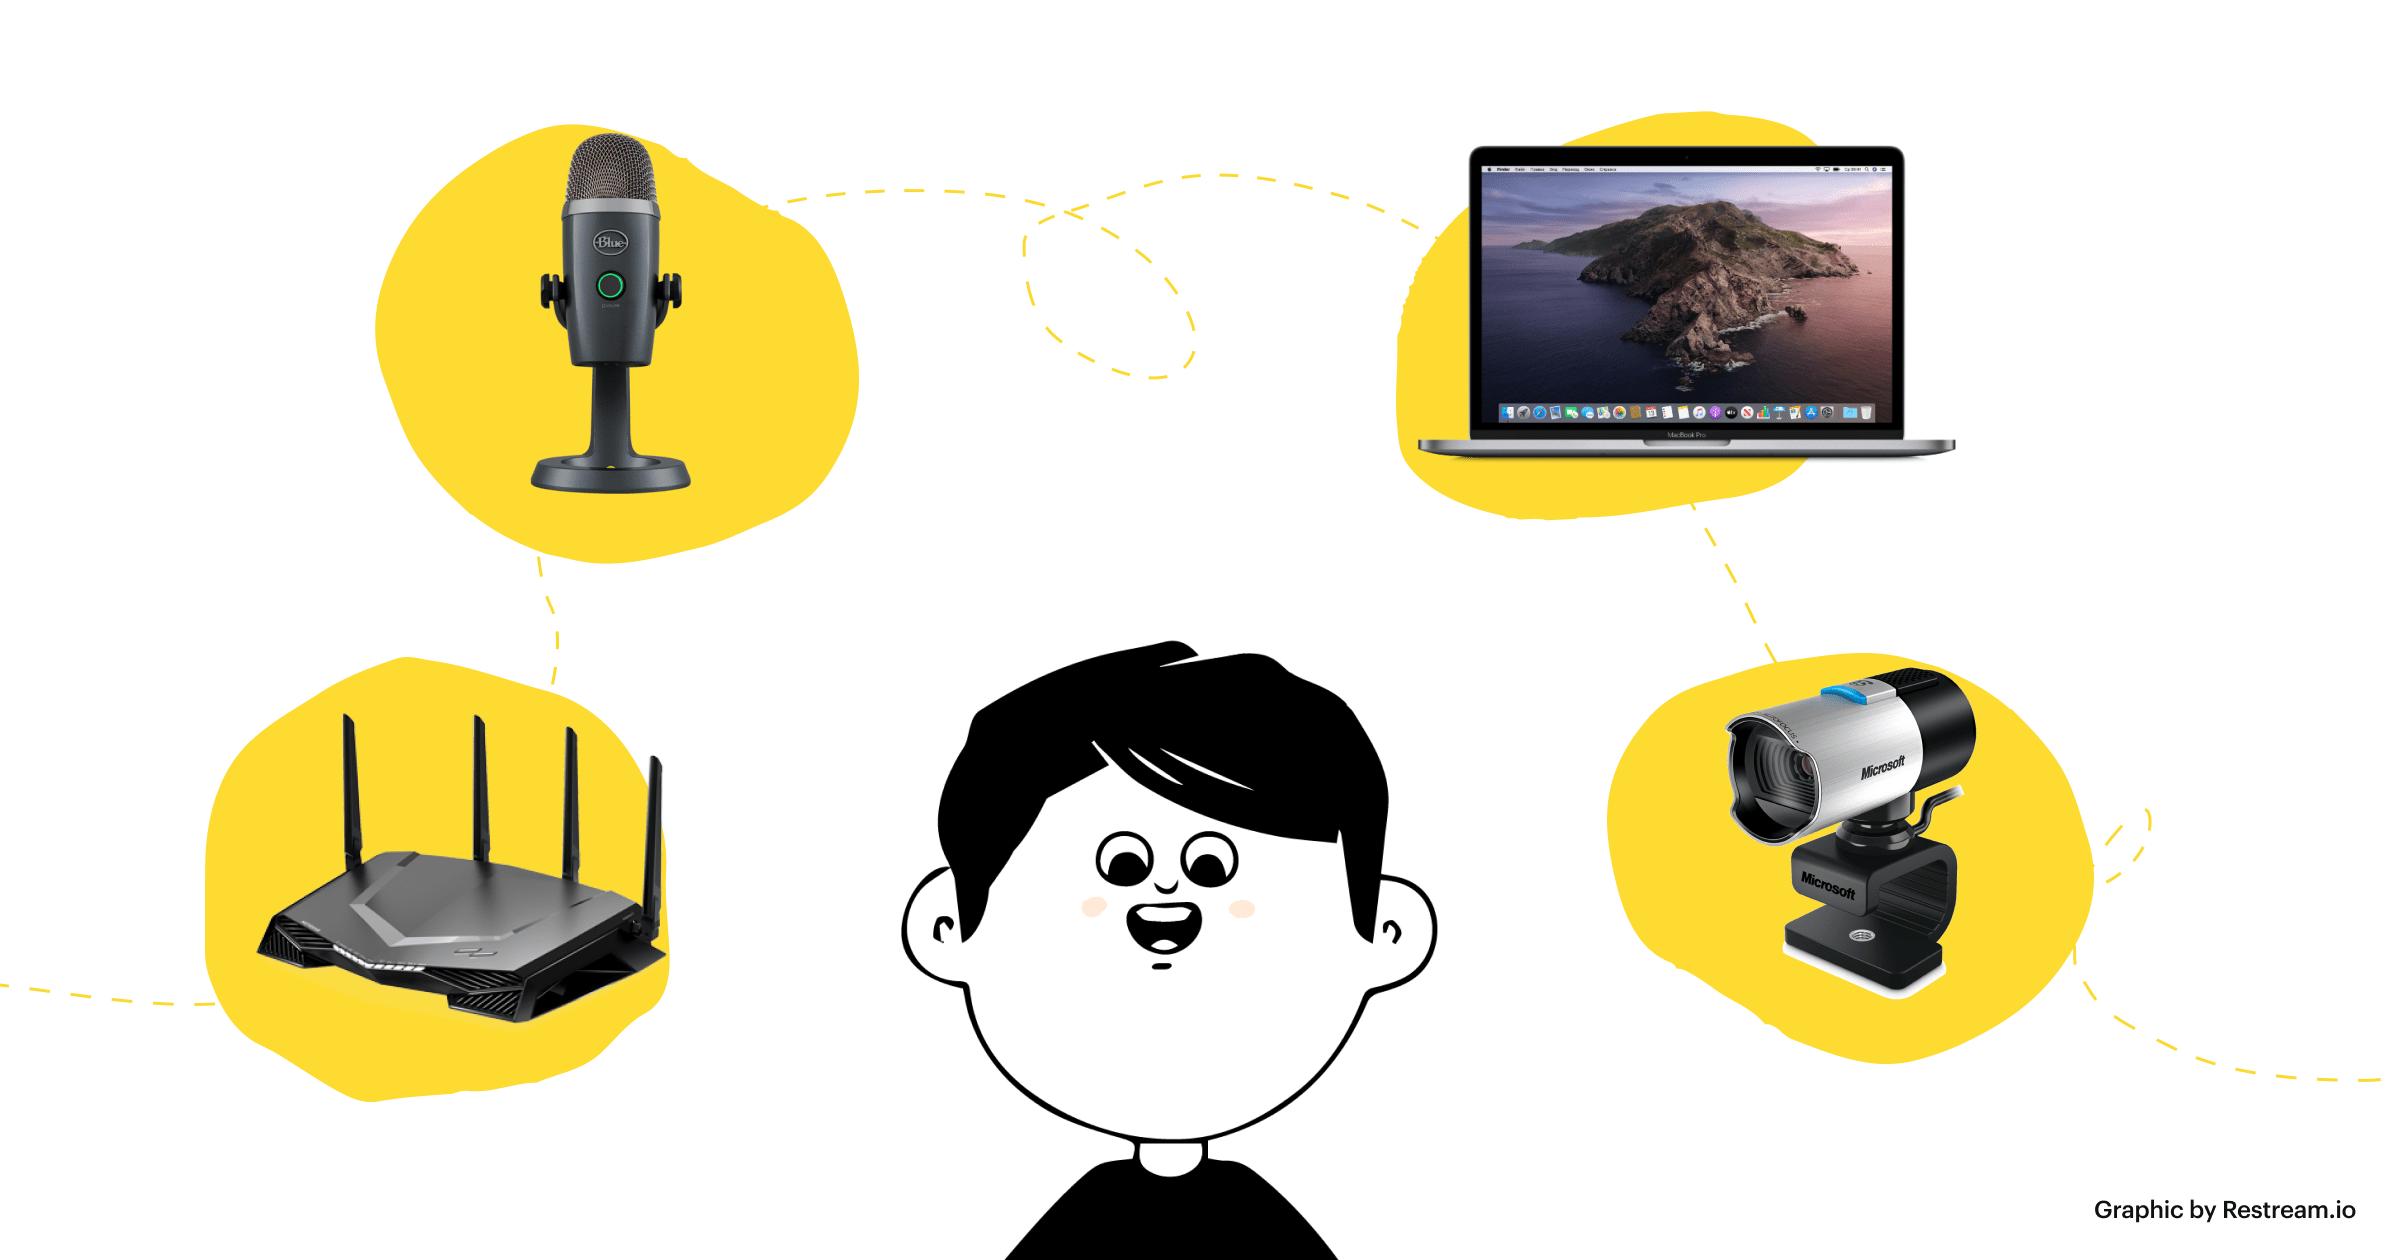 Check your streaming setup